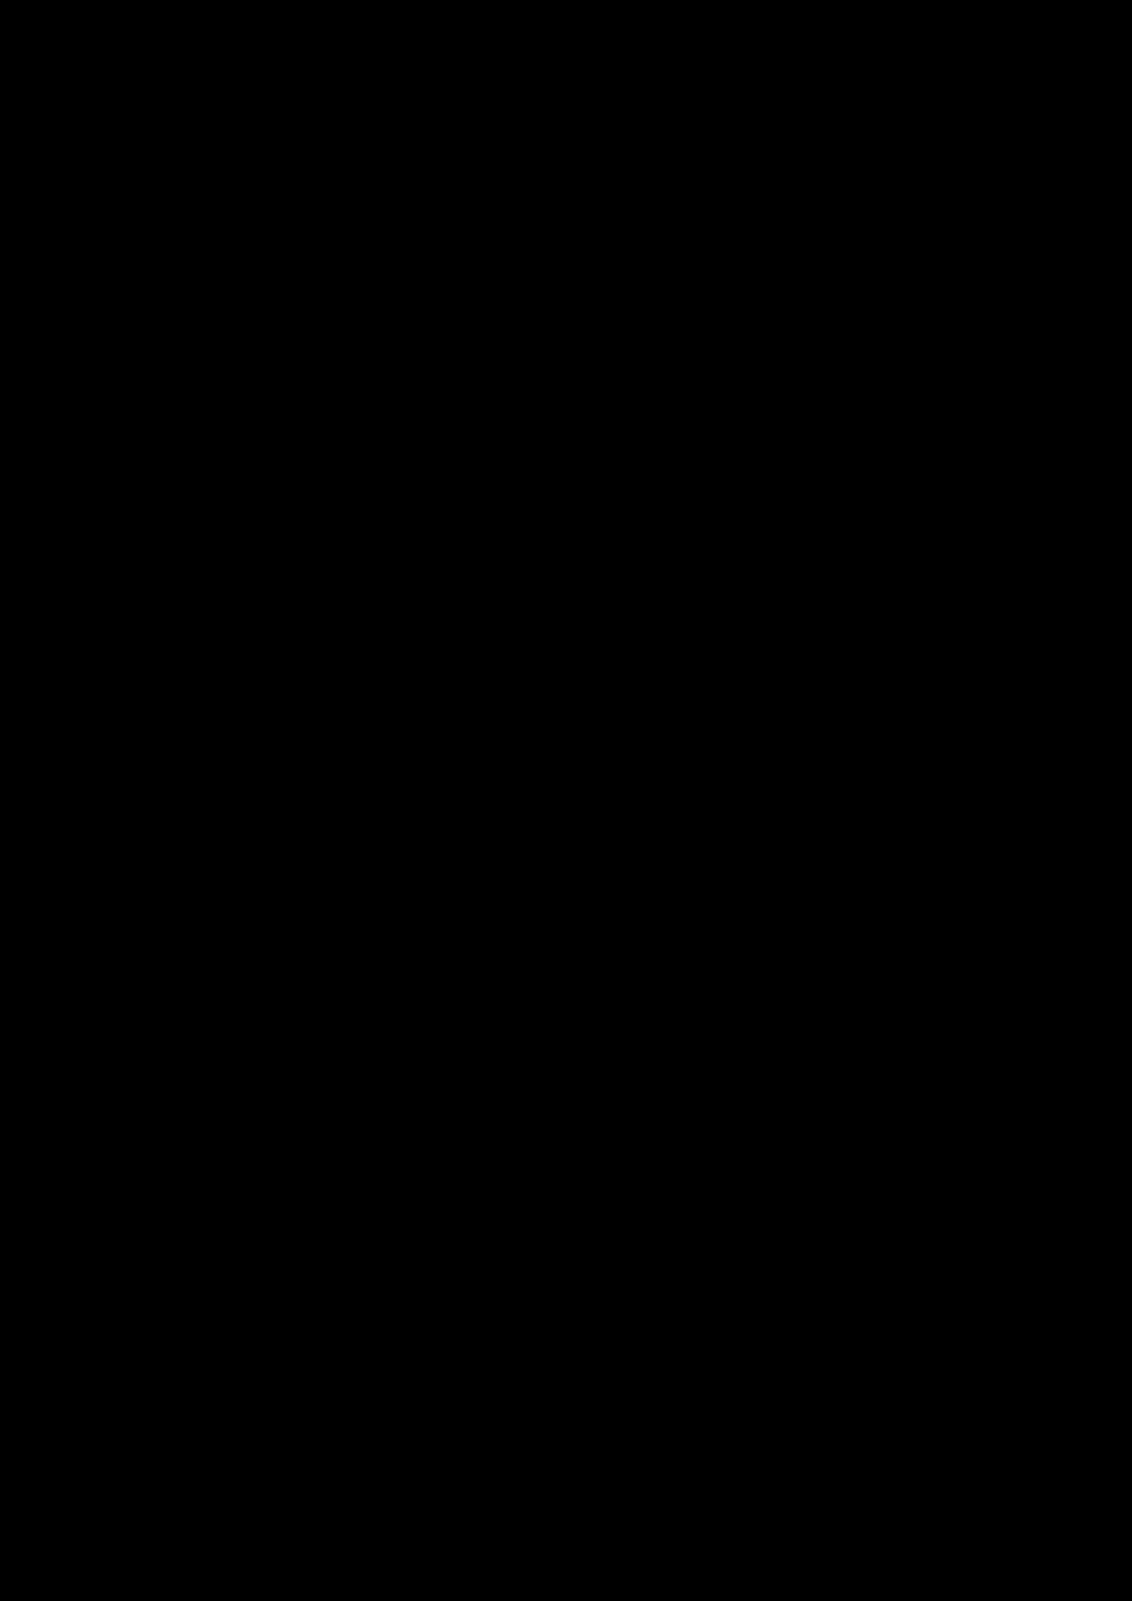 Vyibor Est slide, Image 52